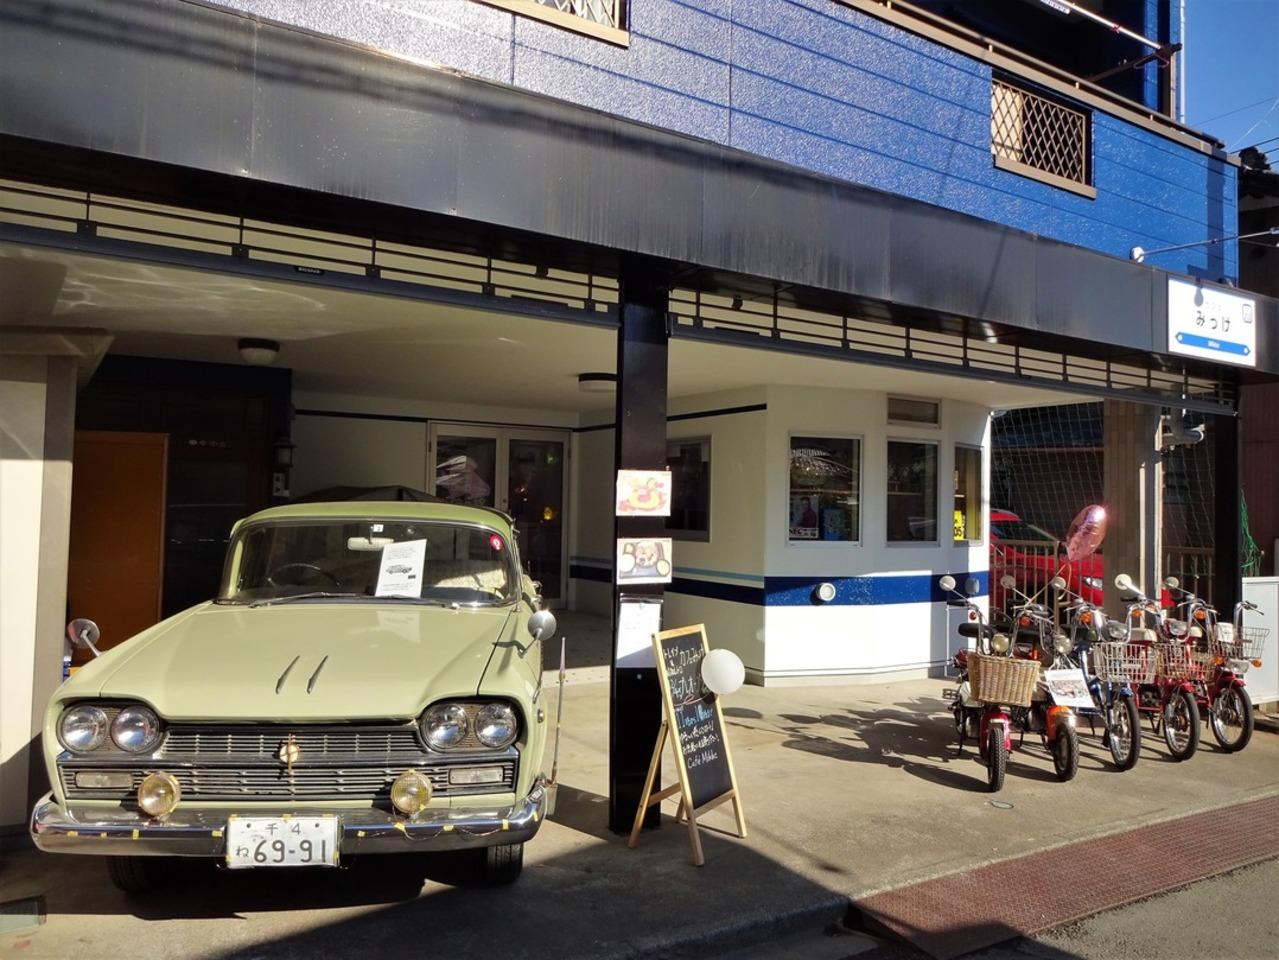 埼玉県川越市新富町2丁目に「トレイン&昭和カフェ みっけ」が12/4~プレオープンされてるようです。